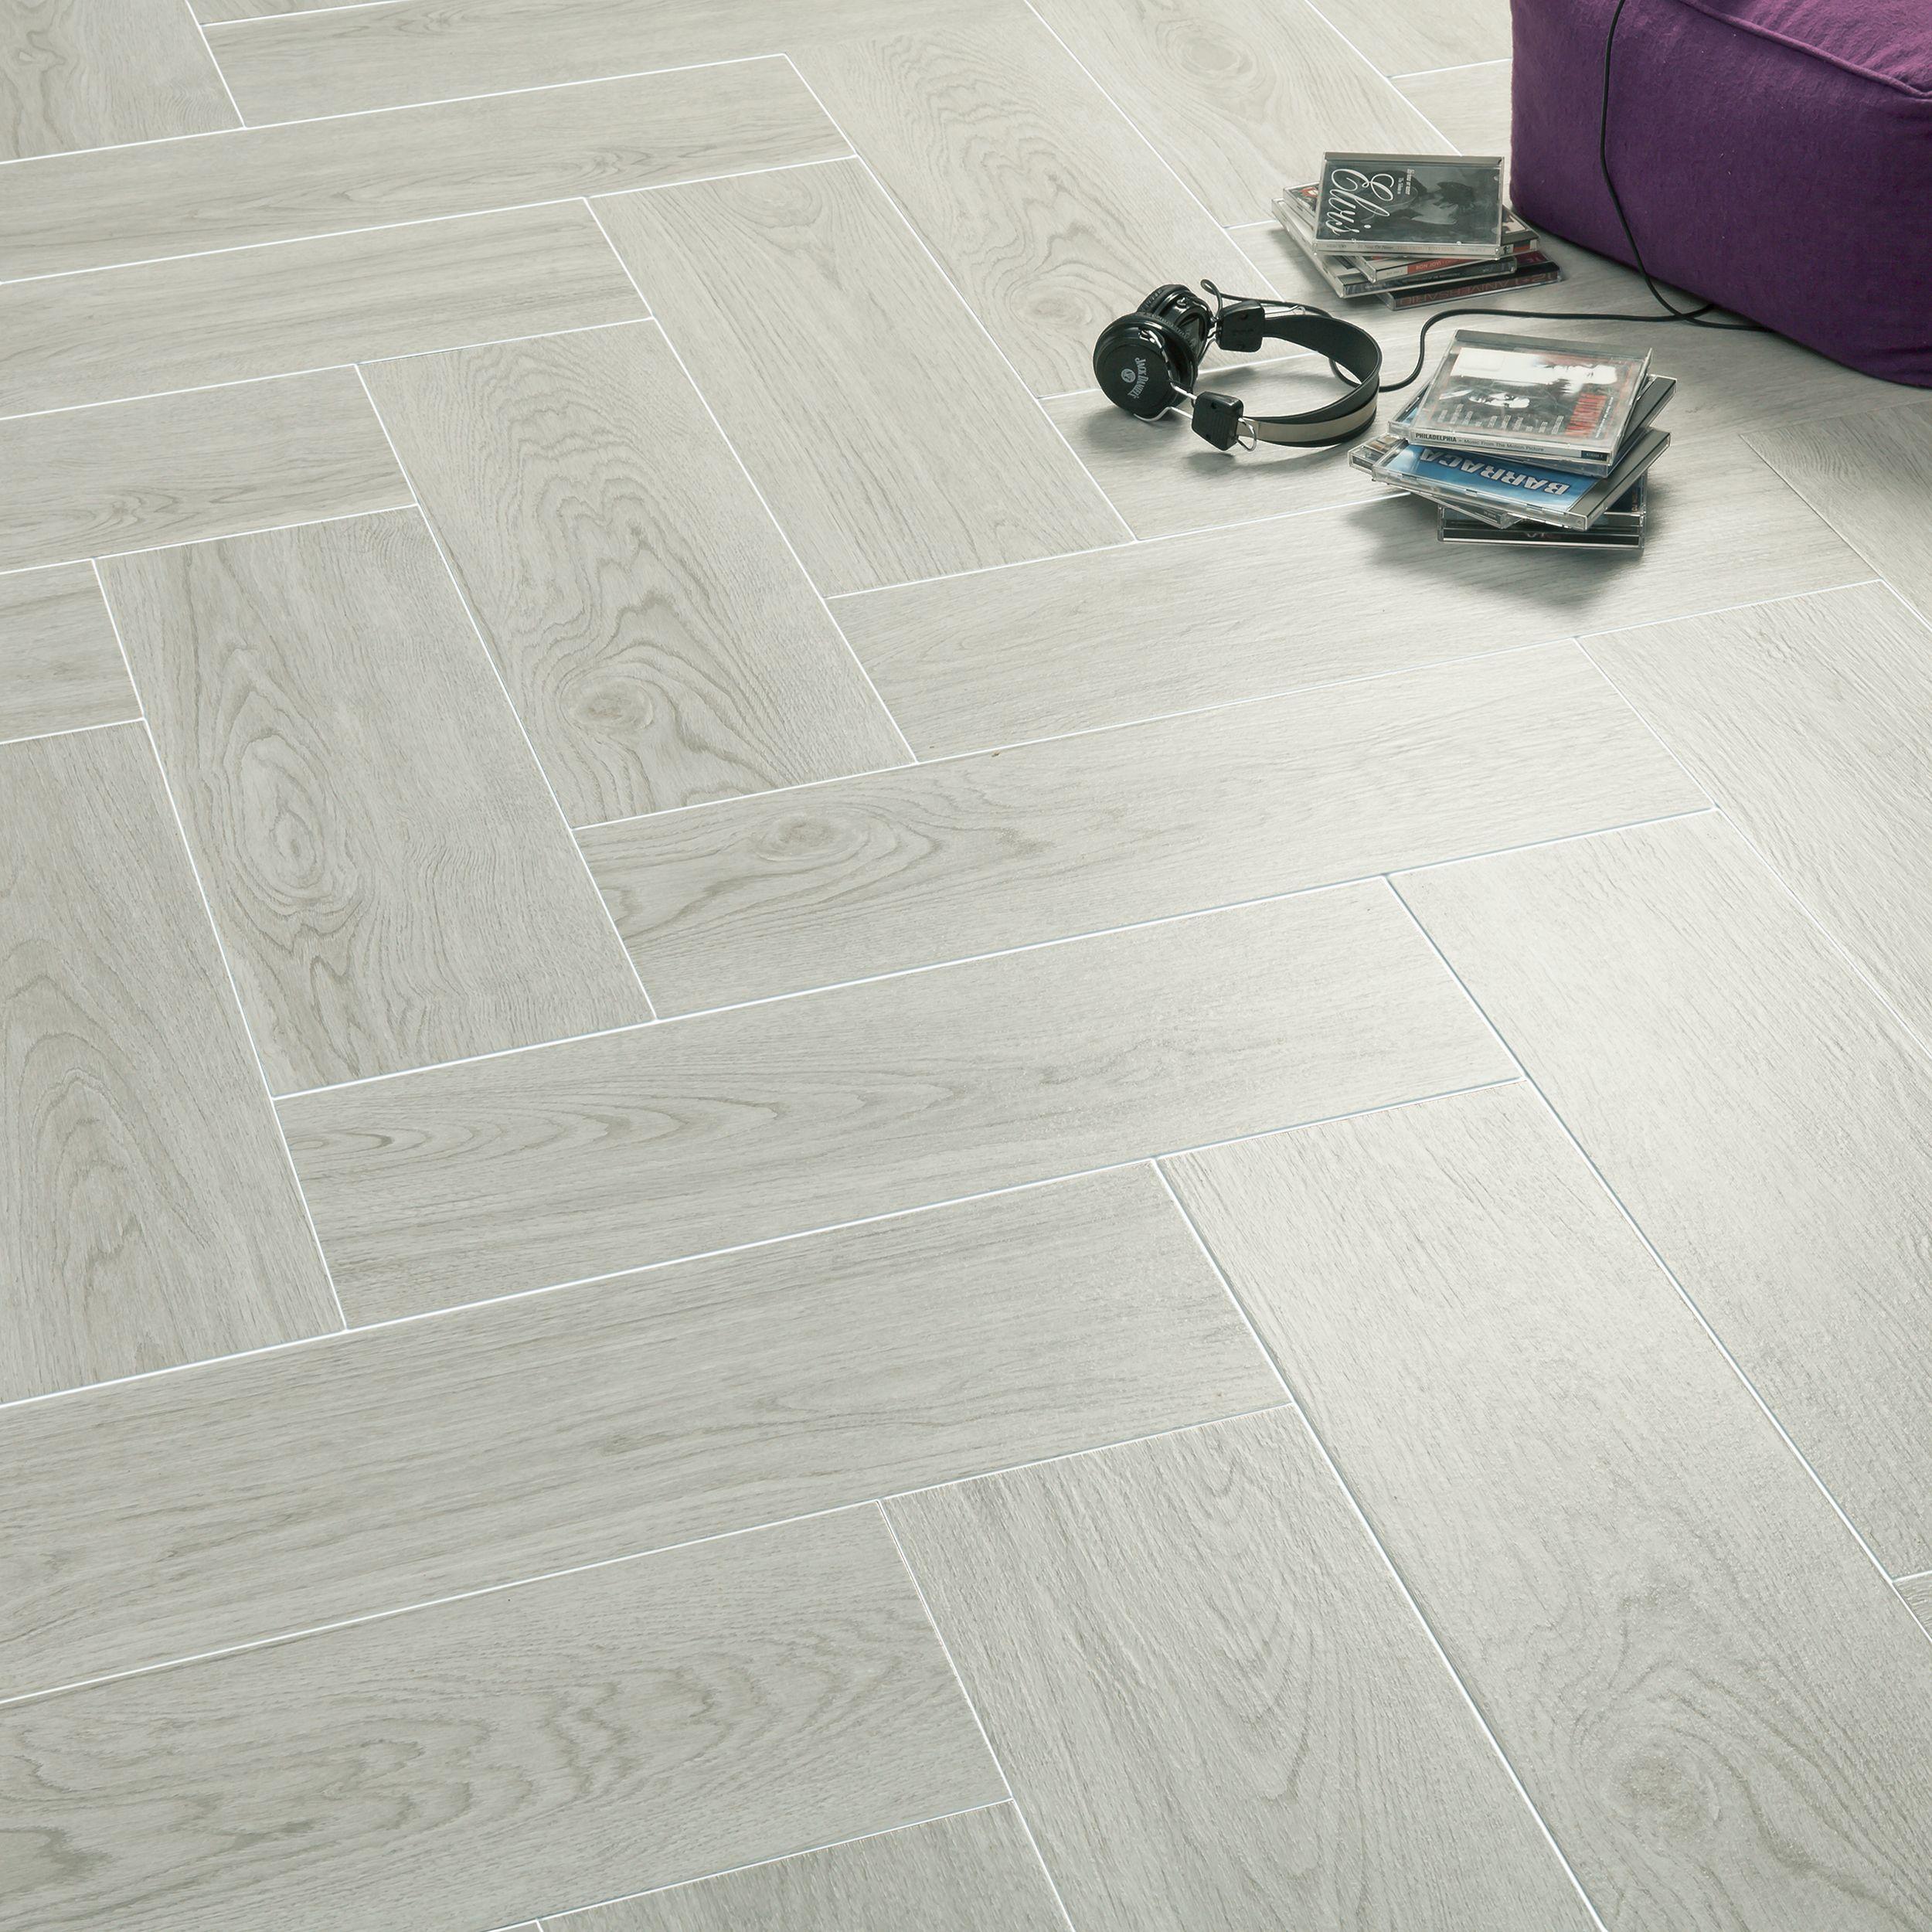 Somertile 7 875x23 625 Inch Finca Perla Ceramic Floor And